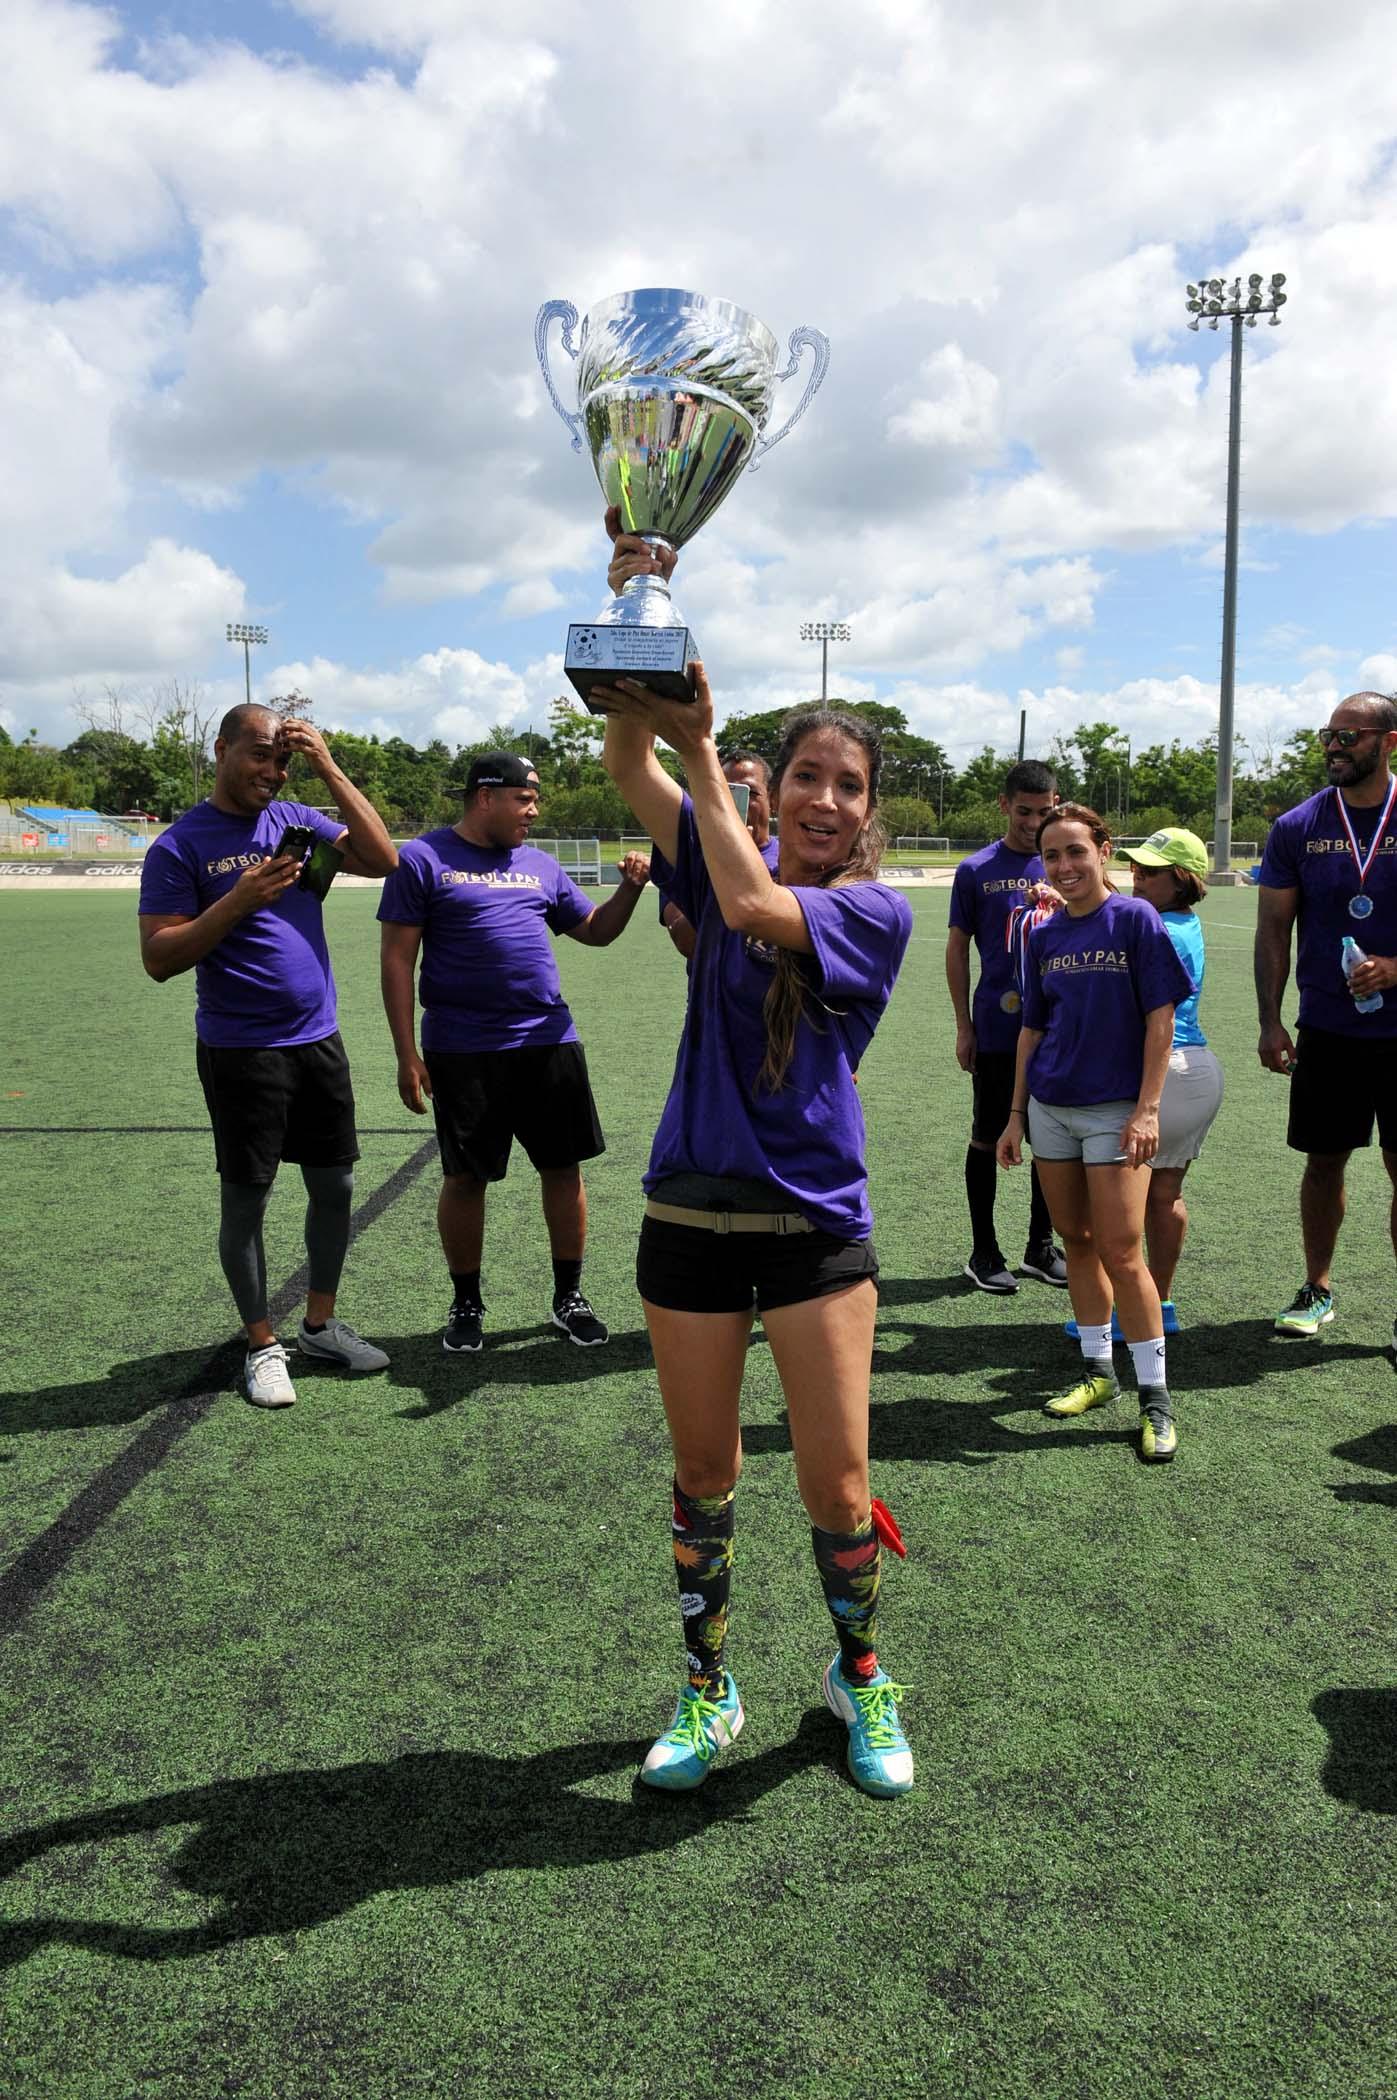 Entrega del trofeo a equipo ganador